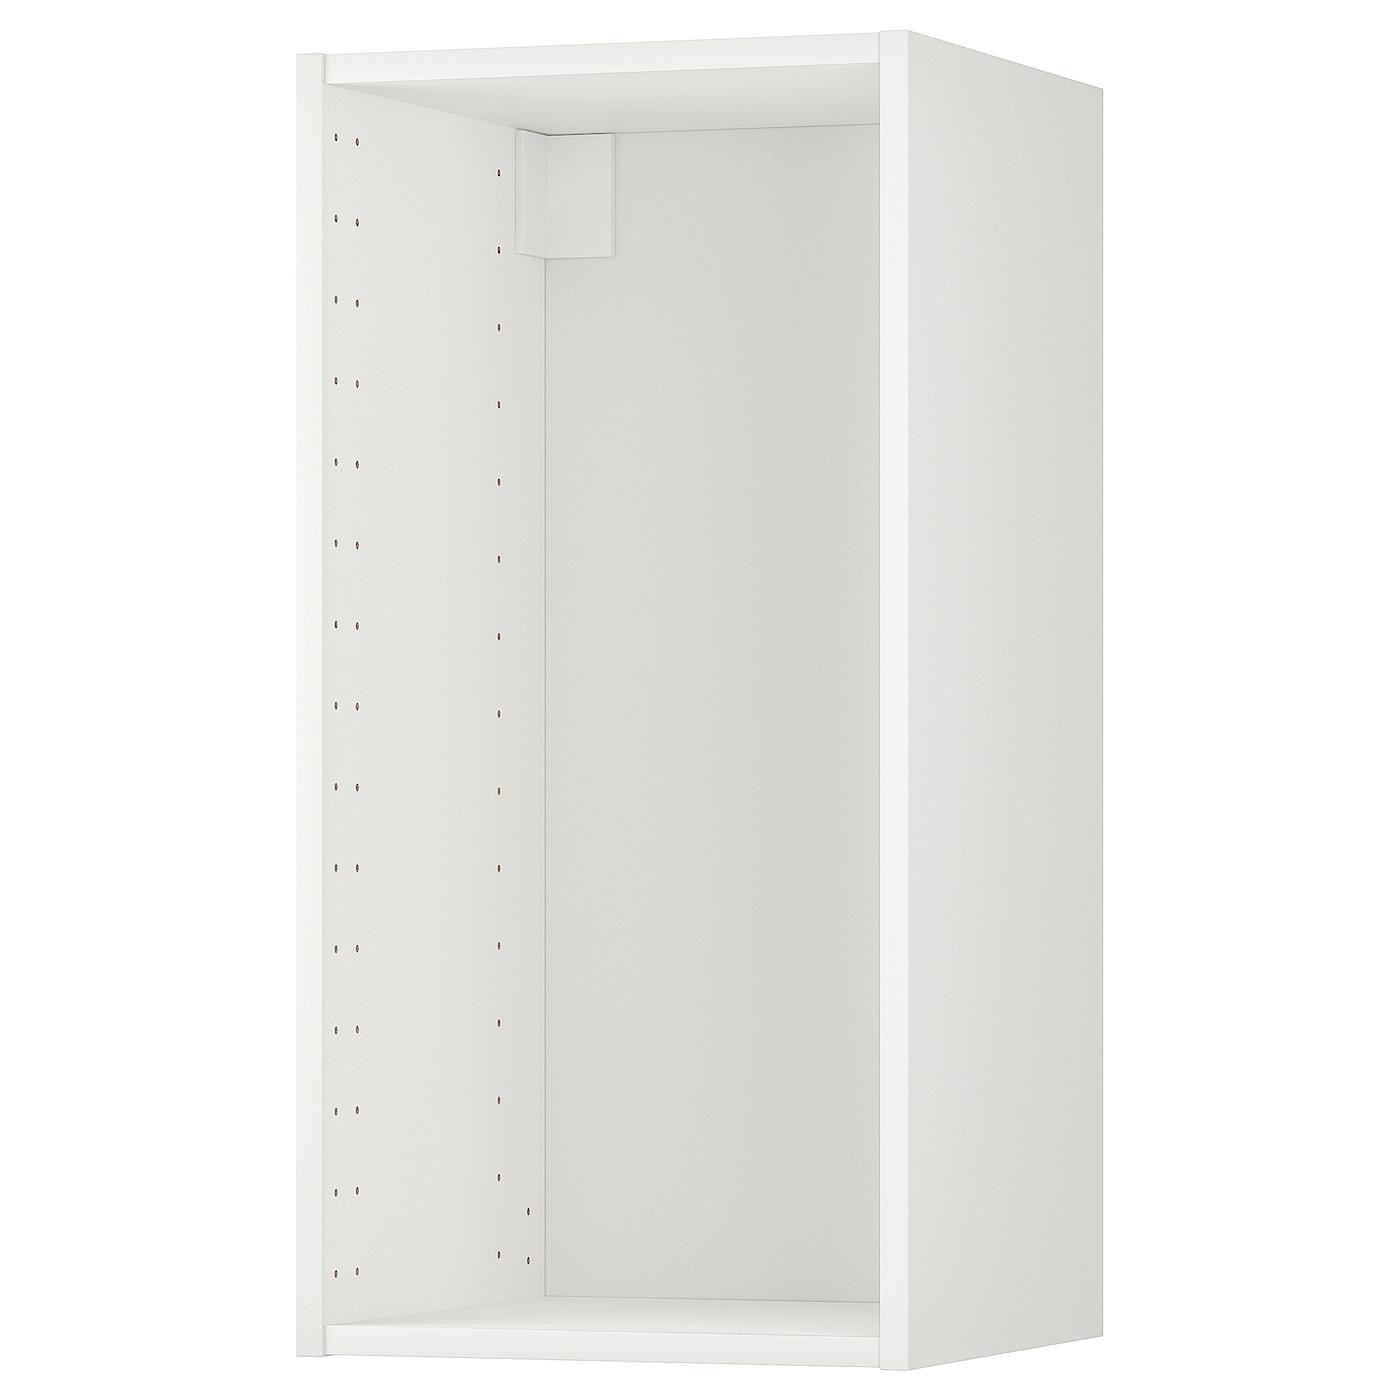 METOD Estructura armario de pared blanco 40x37x80 cm